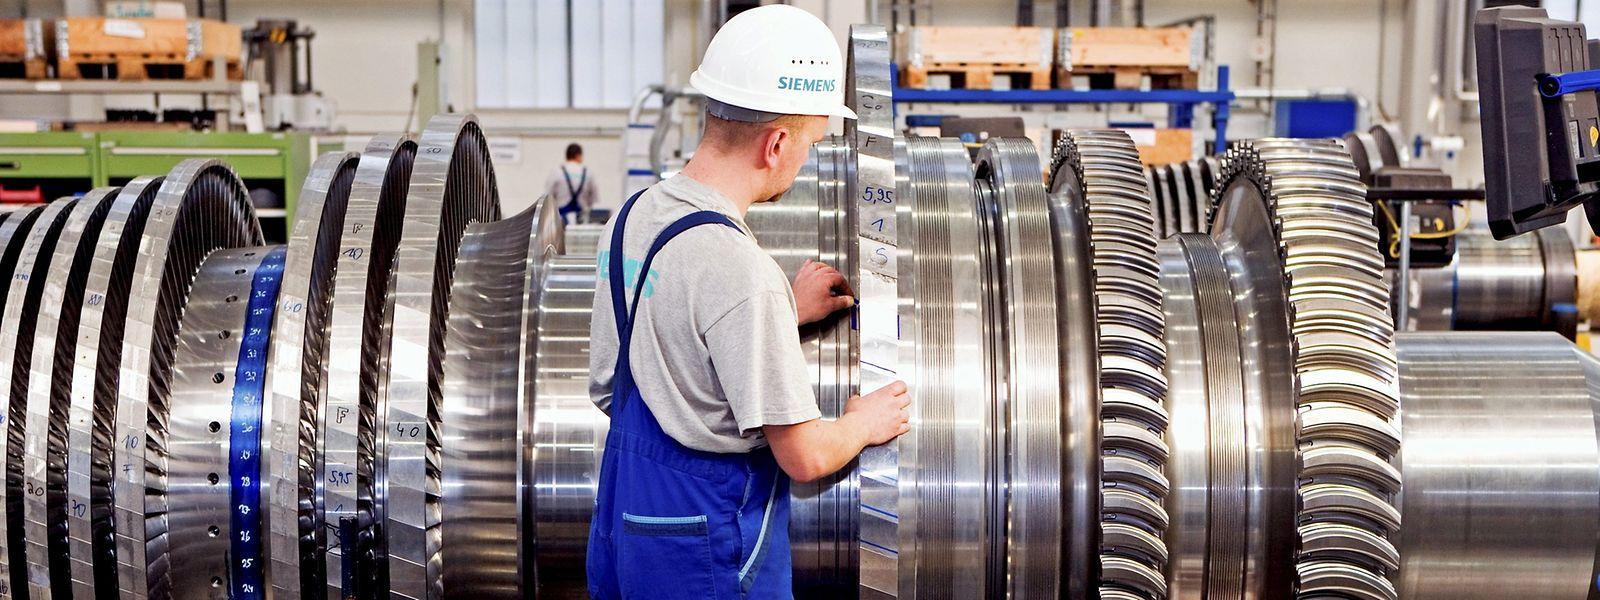 Fin avril au Luxembourg, 196.000 salariés se trouvaient en chômage partiel